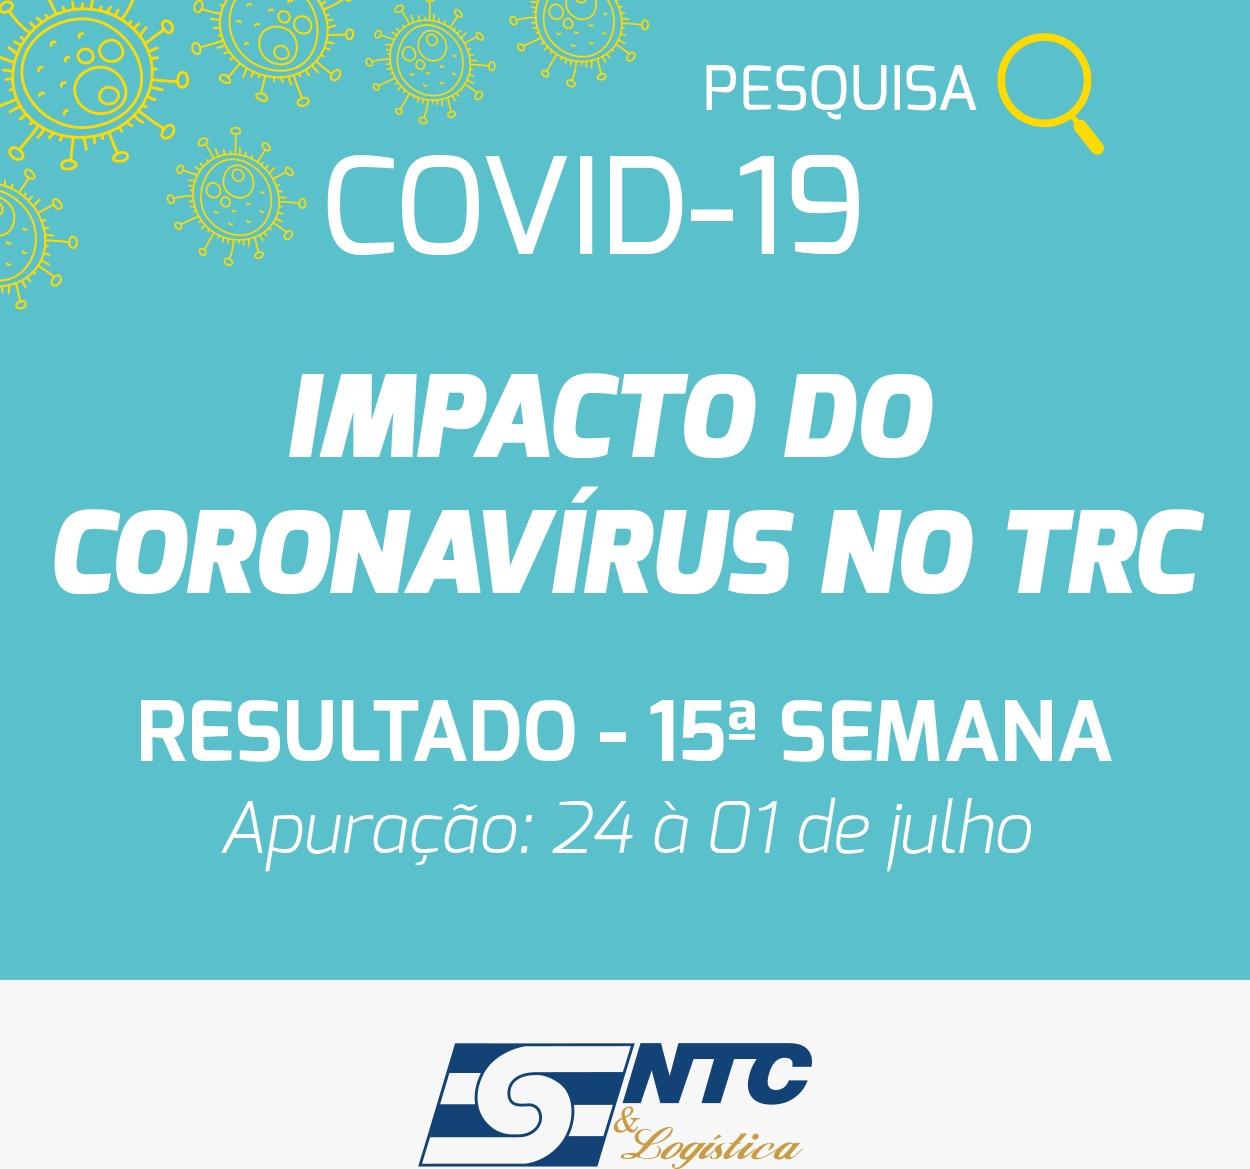 Demanda por transporte rodoviário de cargas no Brasil volta a ter leve melhora, segundo DECOPE